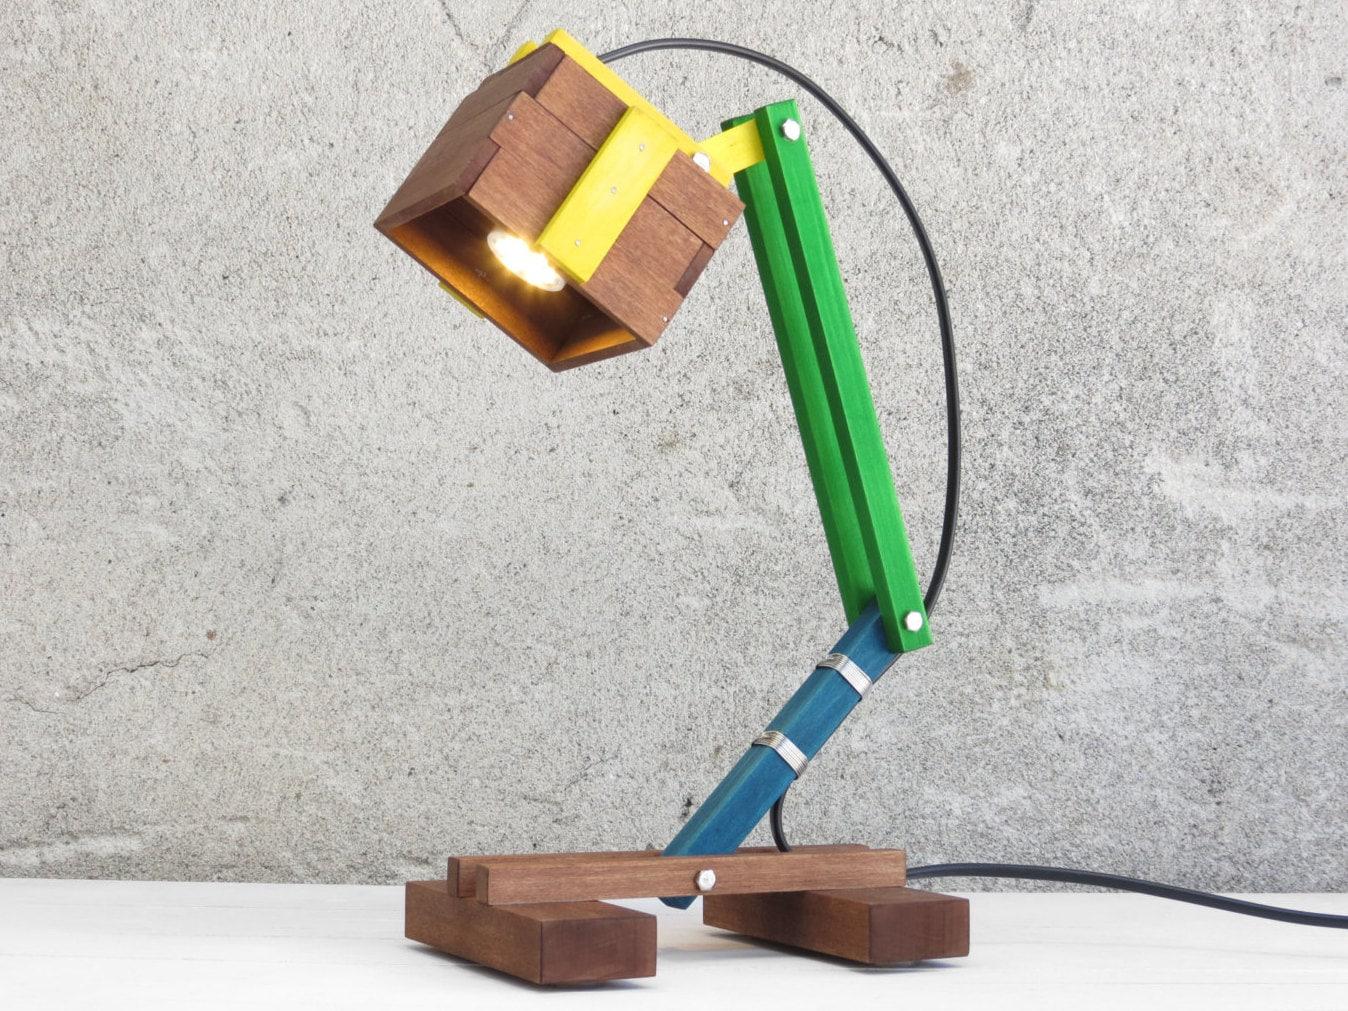 lampe en bois pour enfant lampe color e lampe de bureau. Black Bedroom Furniture Sets. Home Design Ideas